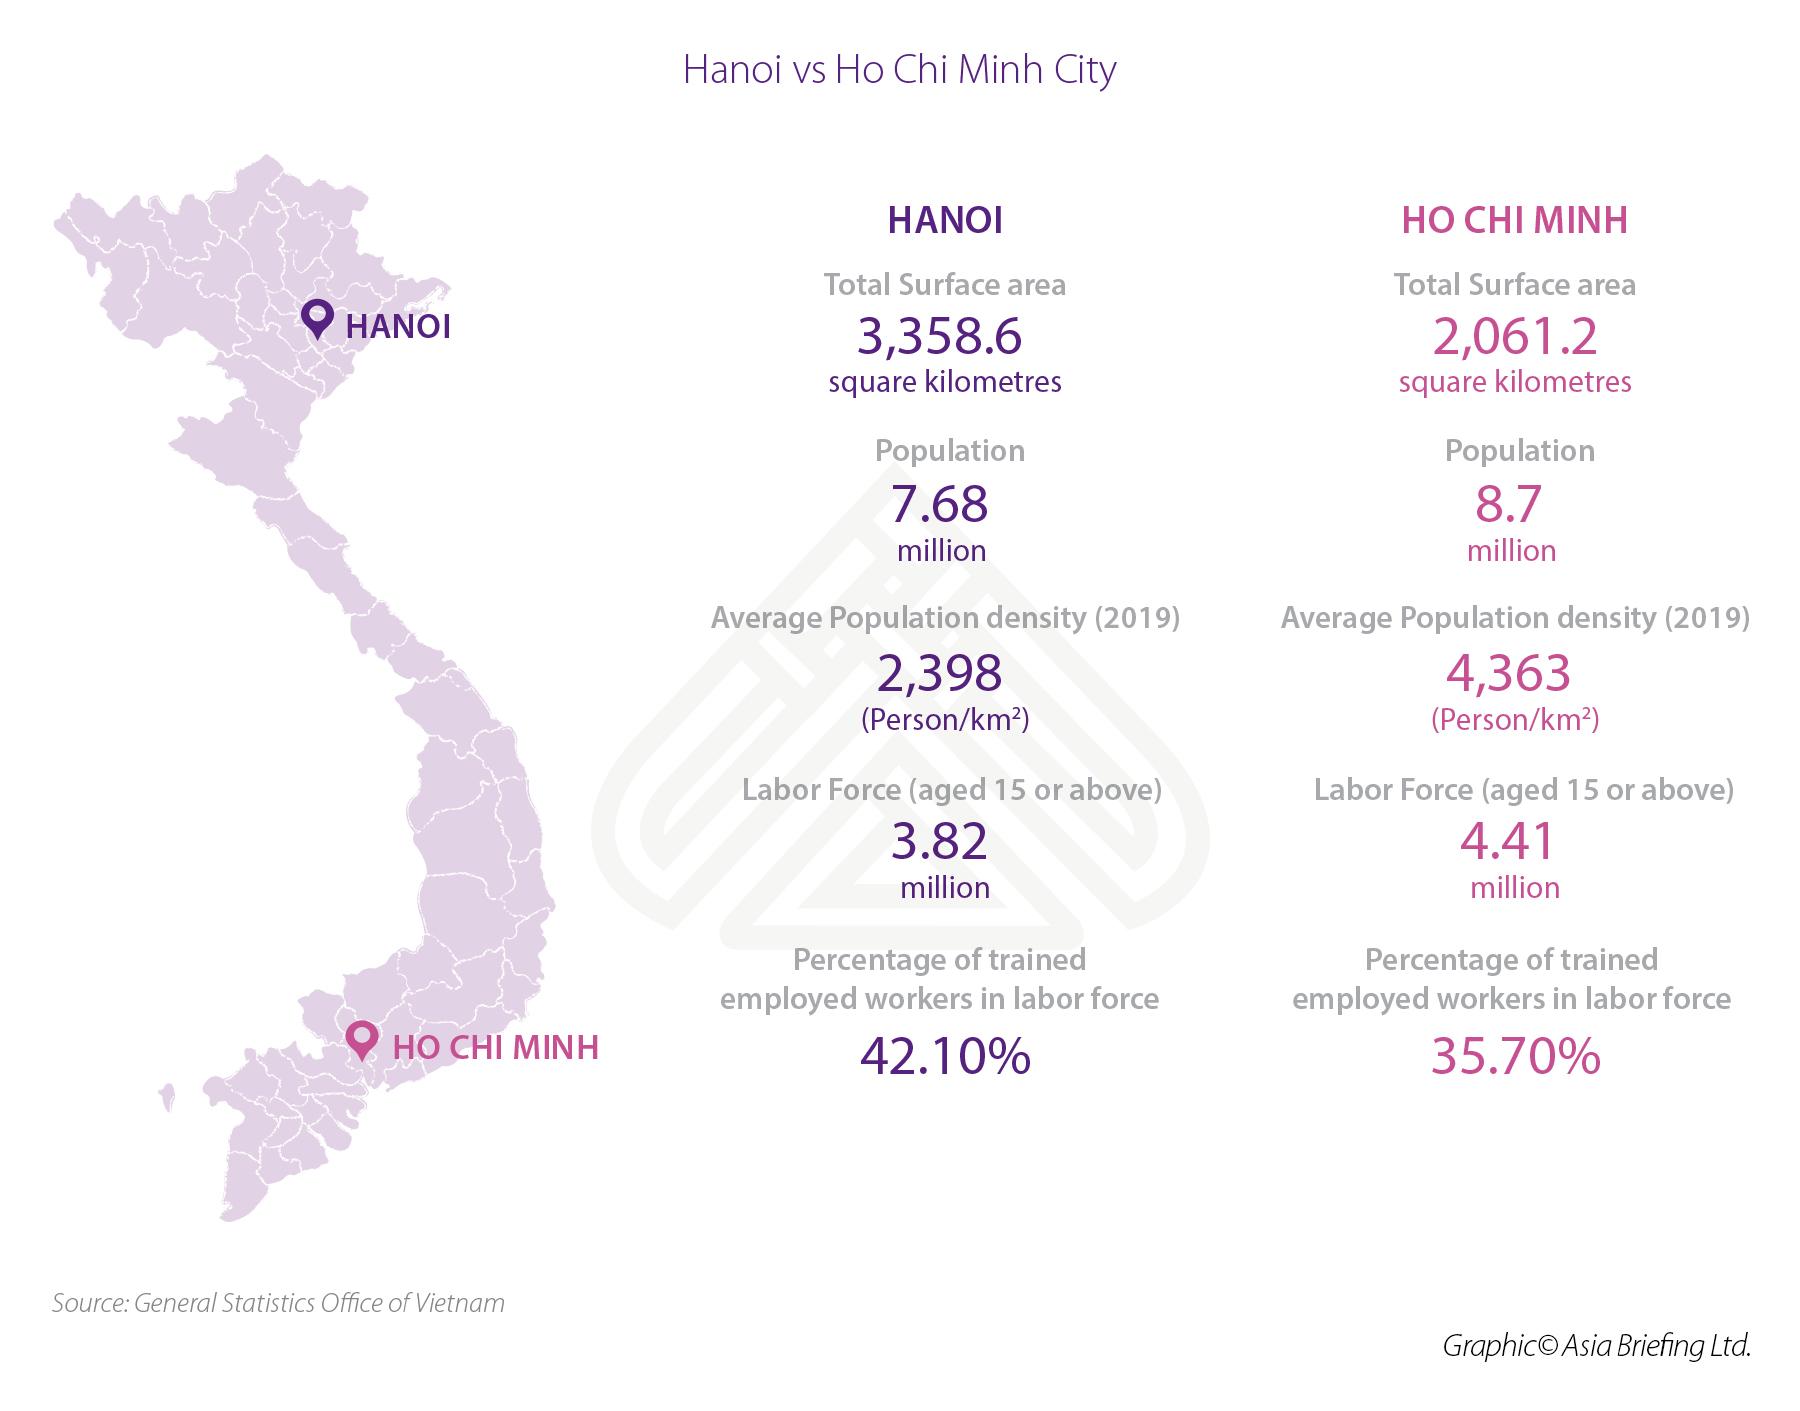 Infographic: Hanoi vs Ho Chi Minh